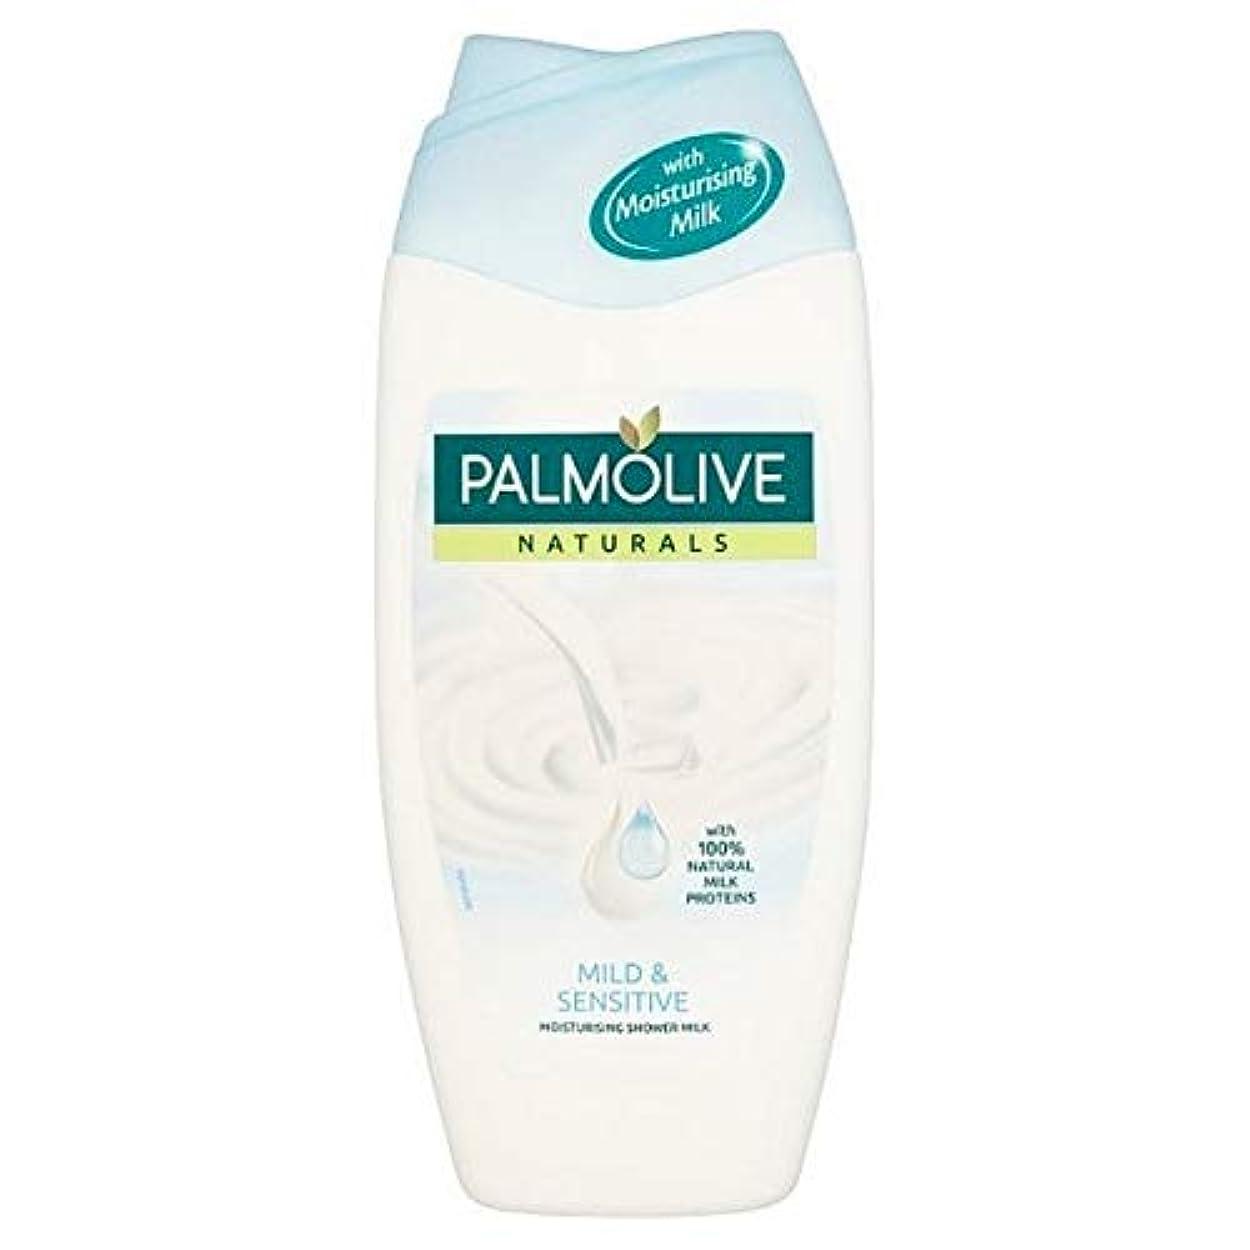 礼儀エコー不純[Palmolive ] パルモライブナチュラル敏感肌シャワージェルクリーム250ミリリットル - Palmolive Naturals Sensitive Skin Shower Gel Cream 250ml [並行輸入品]